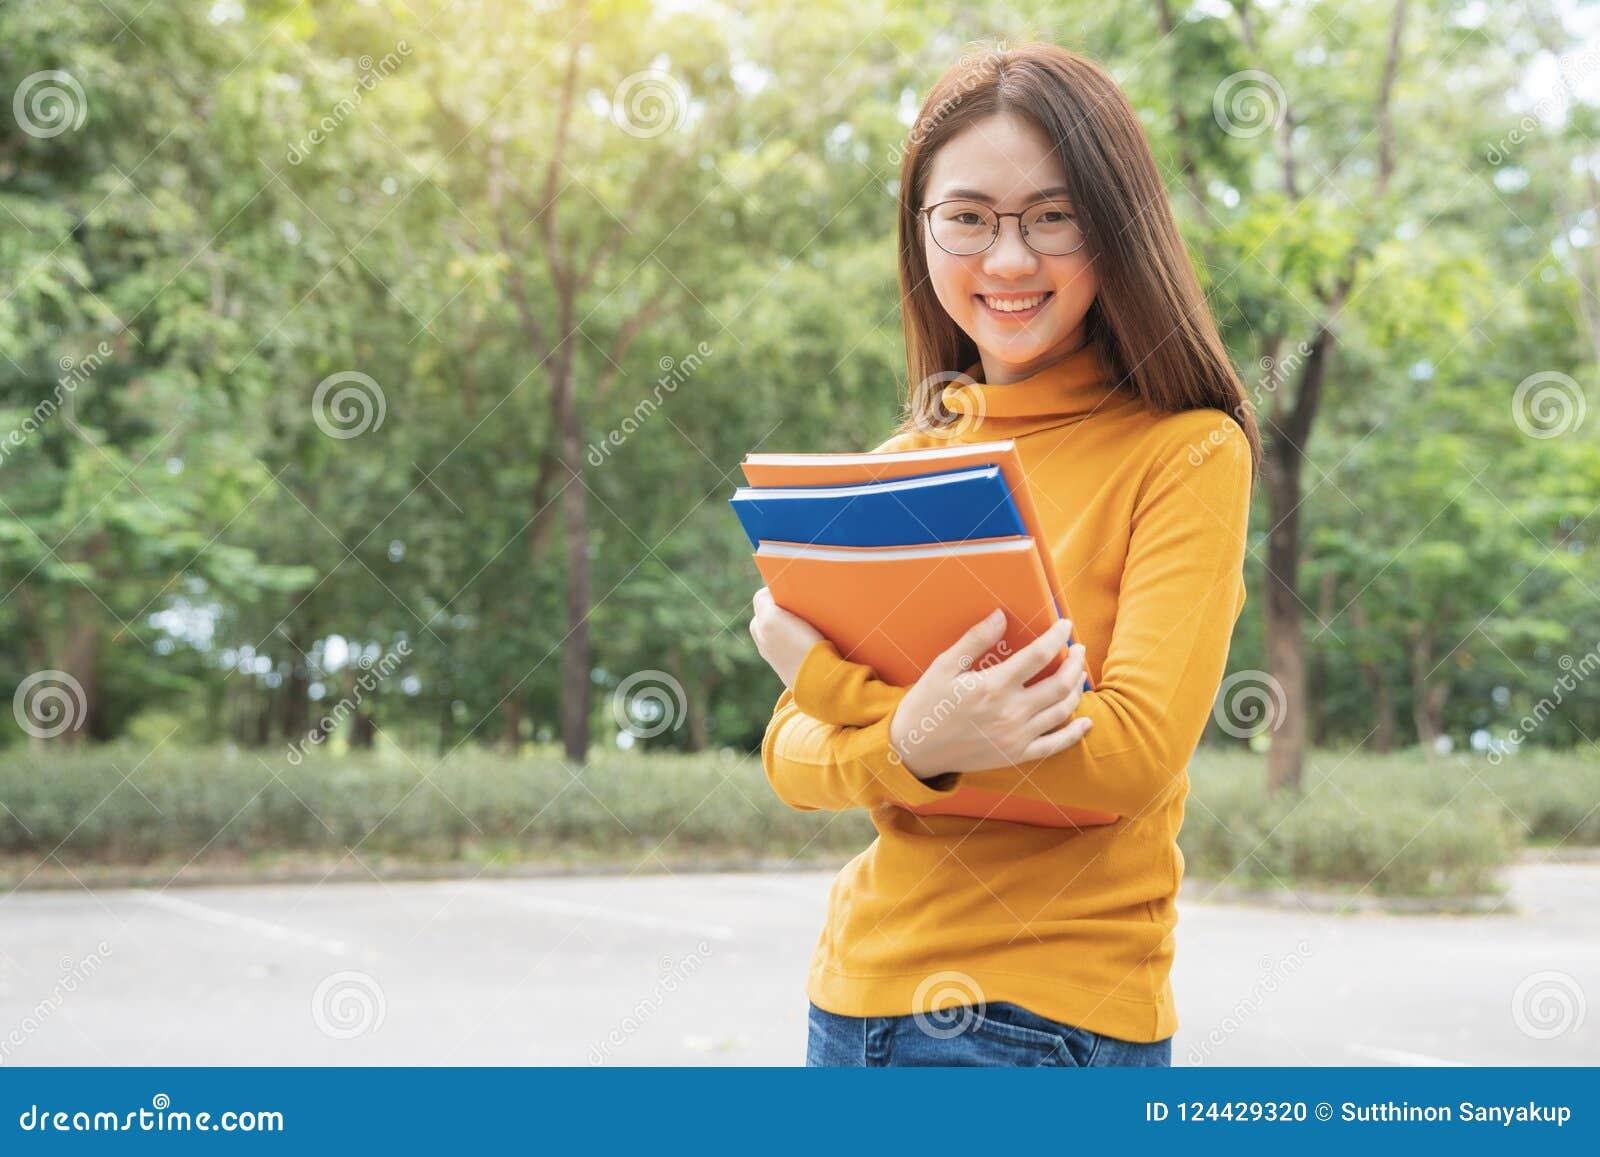 Wakacje letni, edukacja, kampus i nastoletni pojęcie, - Uśmiechnięty żeński uczeń w czarnych eyeglasses z falcówkami i grupie w